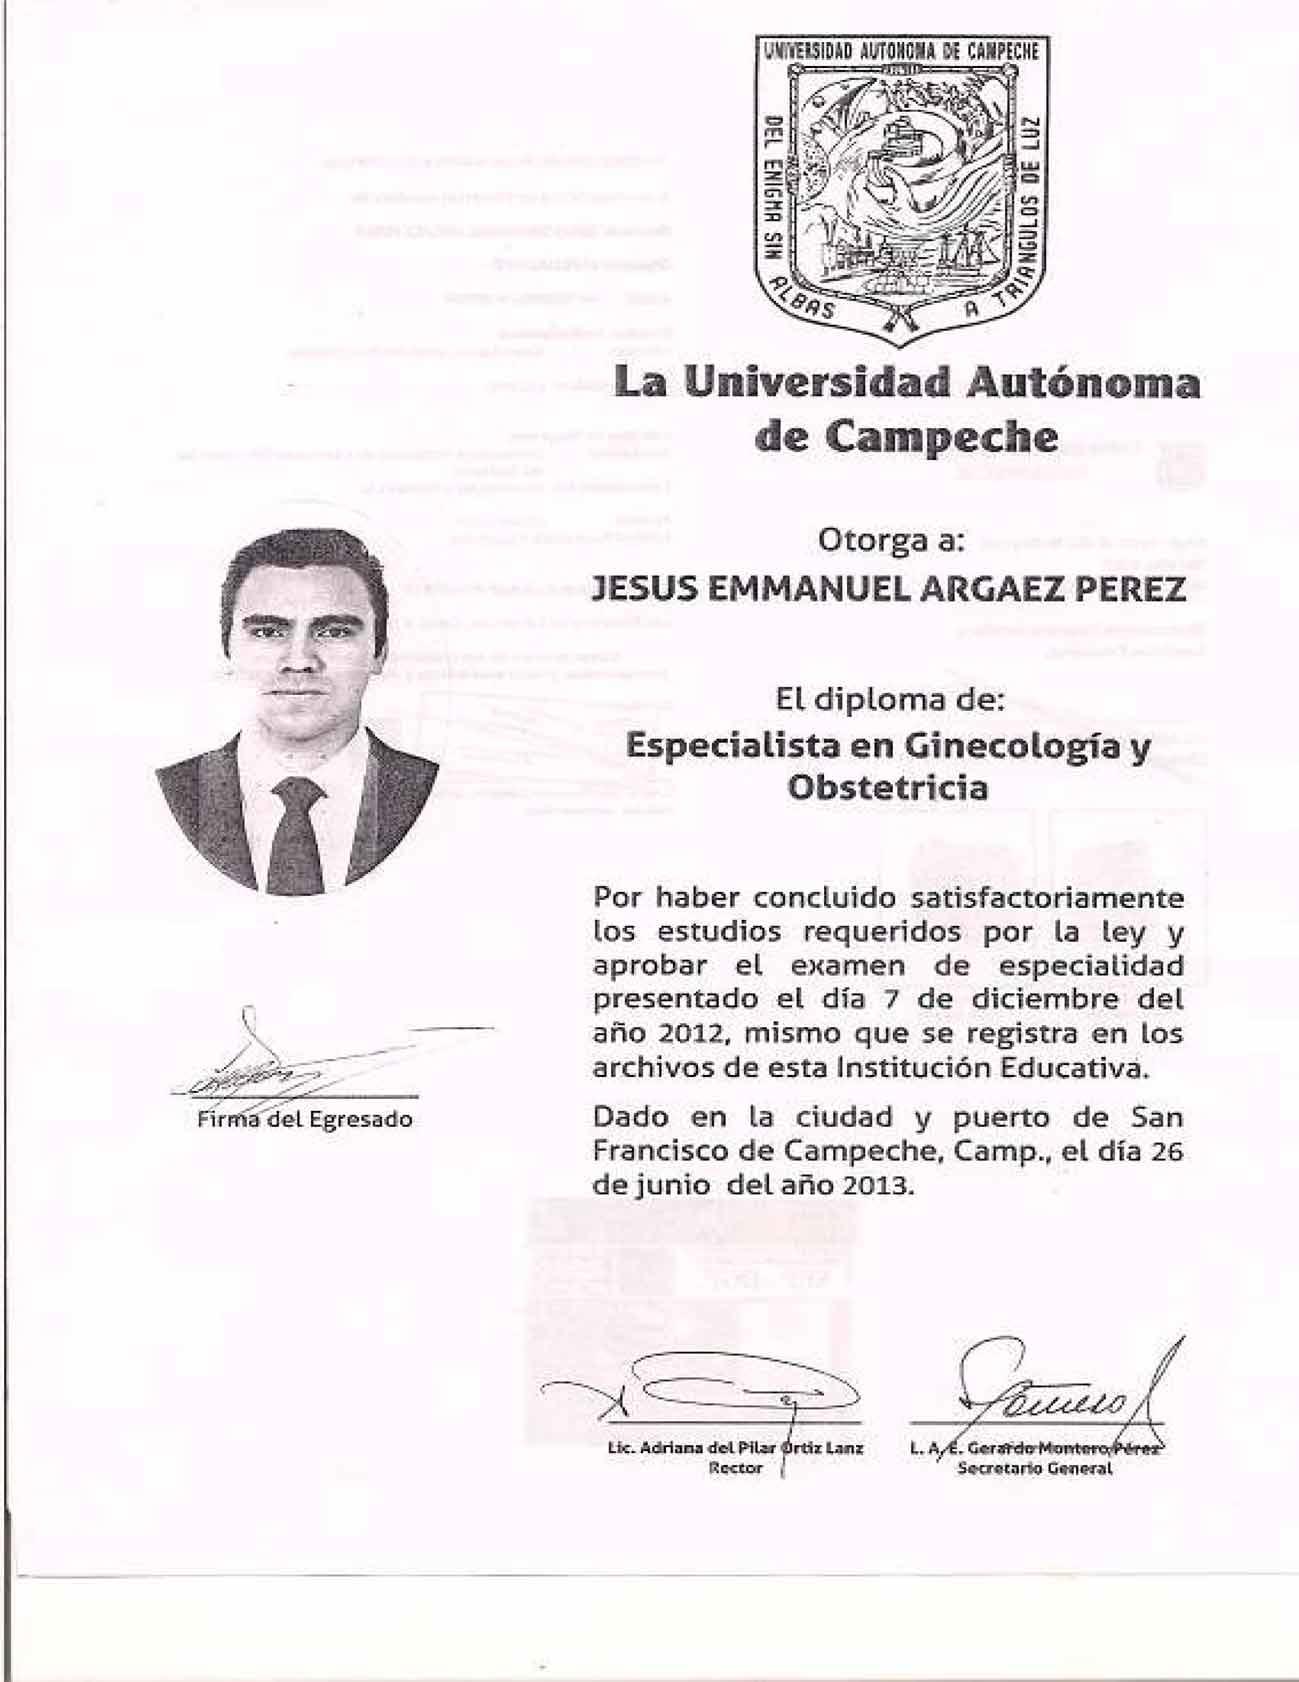 Diploma de Especialista en Ginecología y Obstetricia